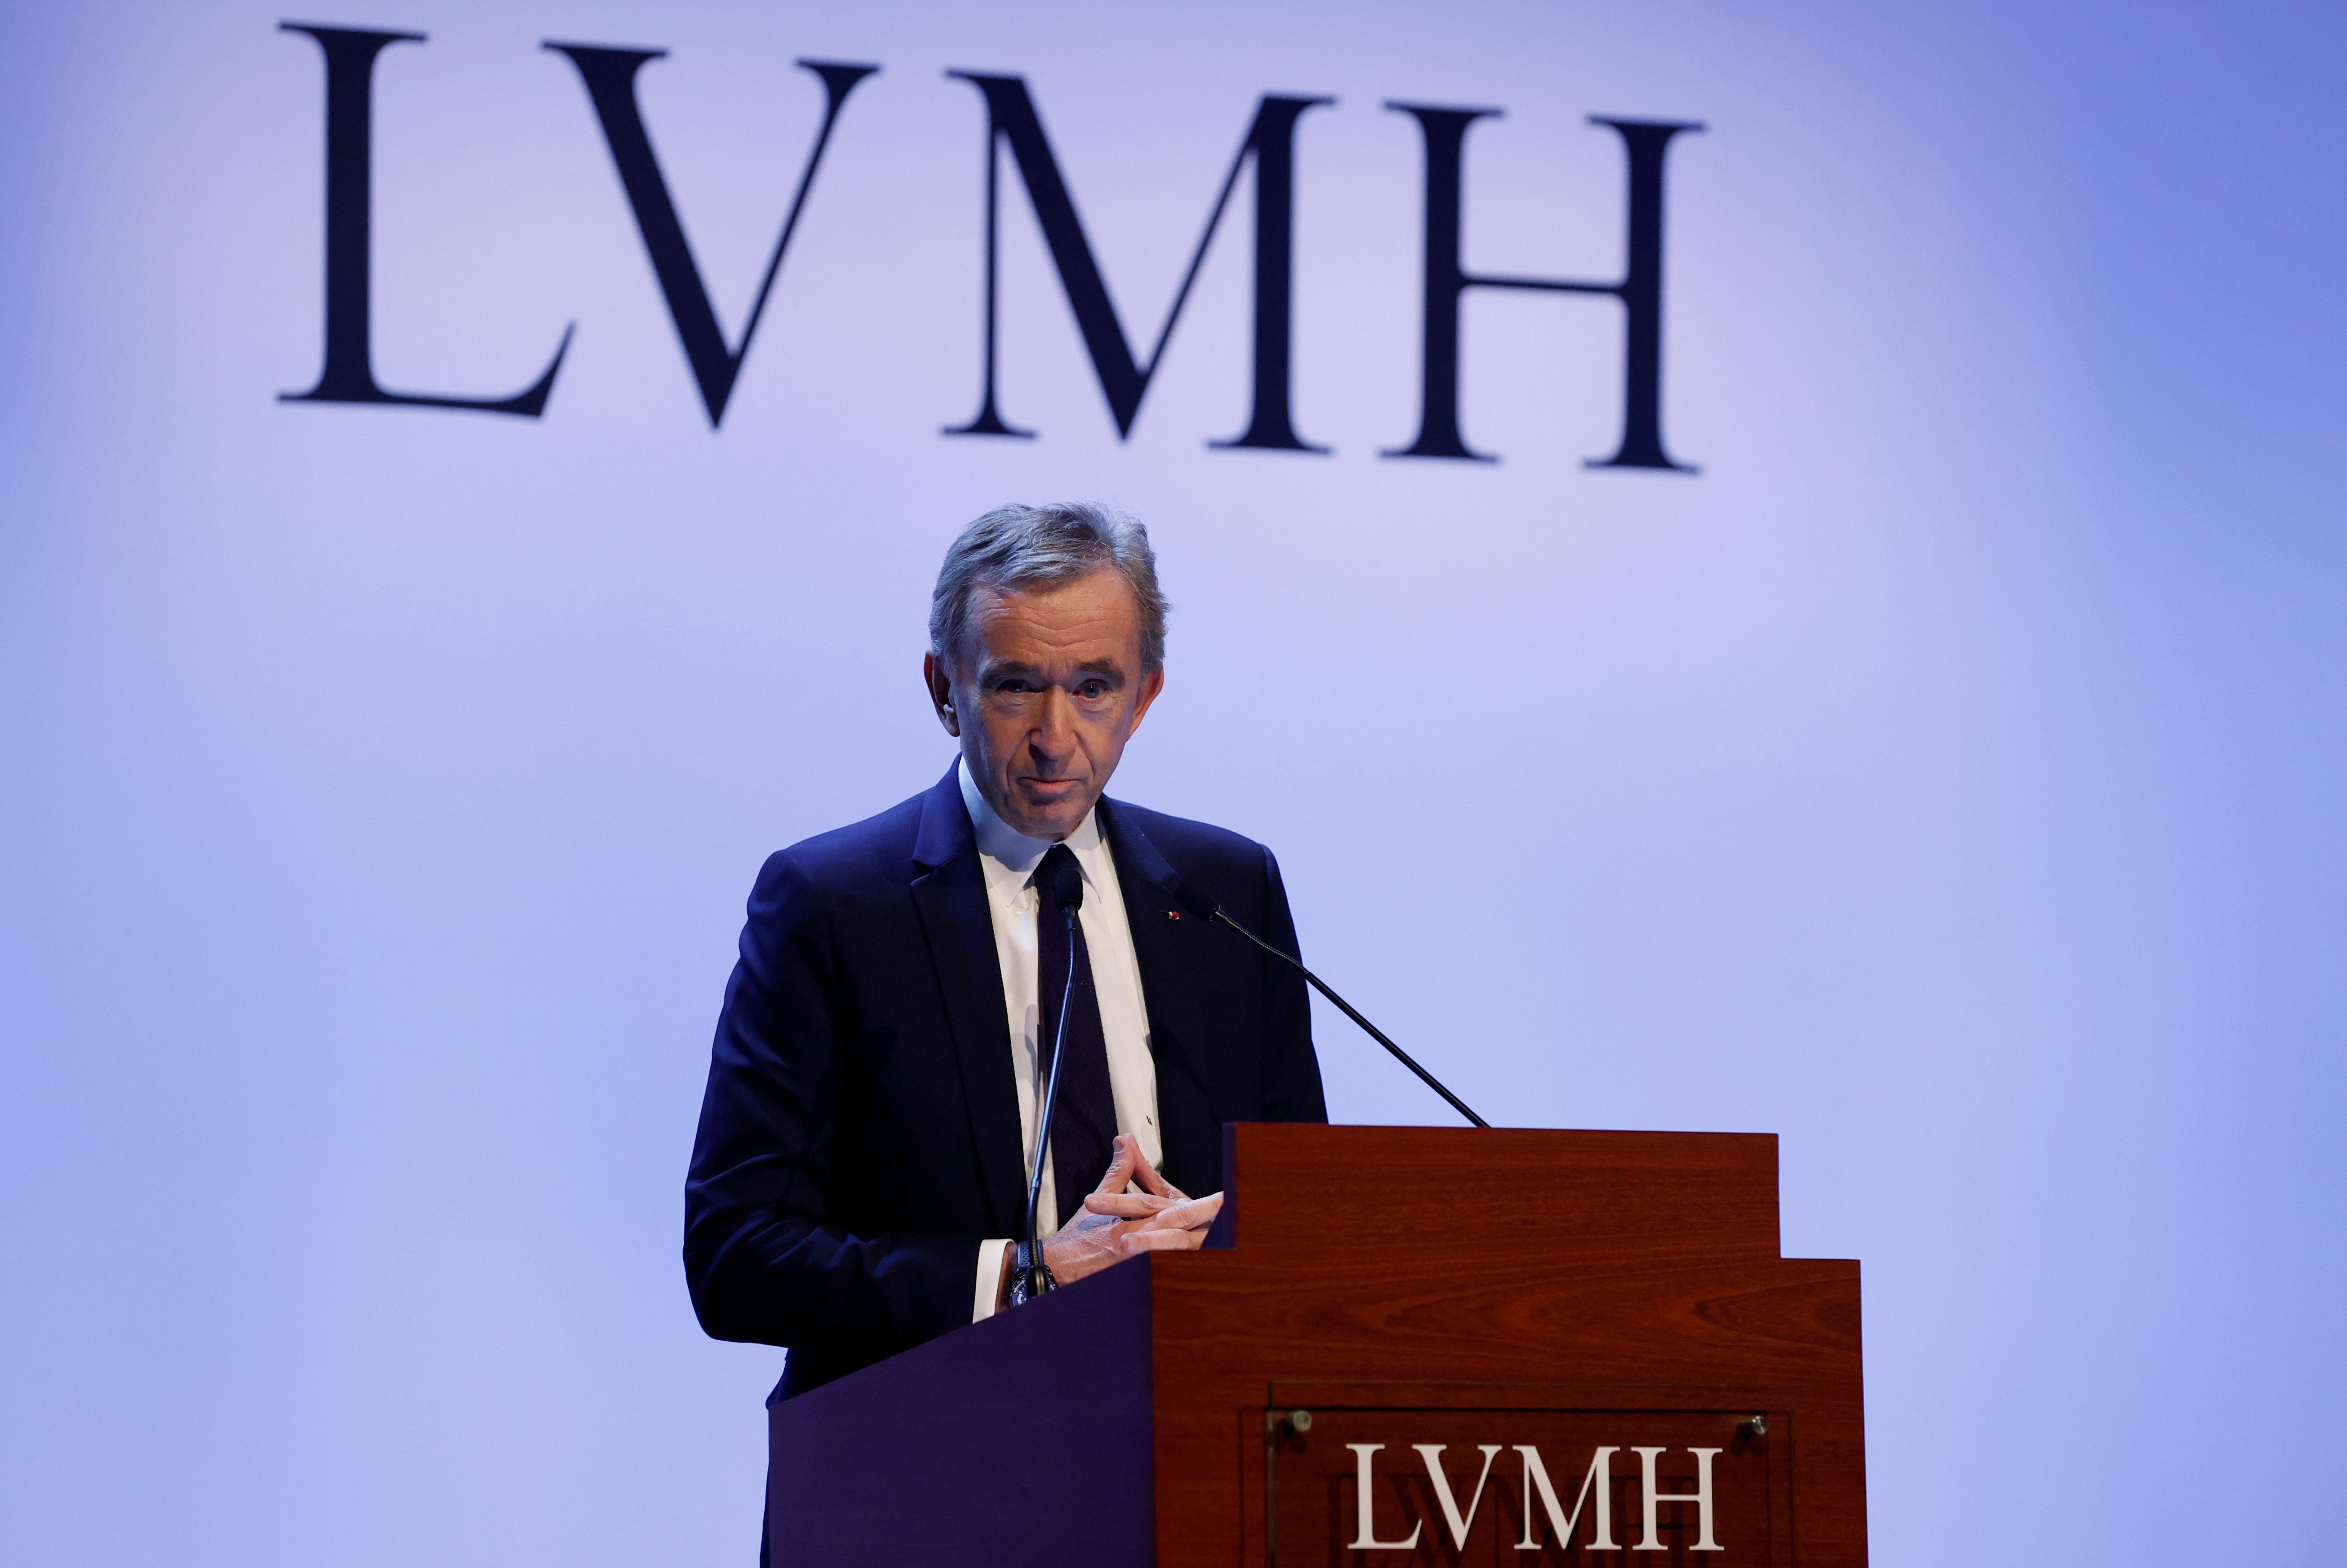 Bernard Arnault Foto: Scanpix/ Reuters